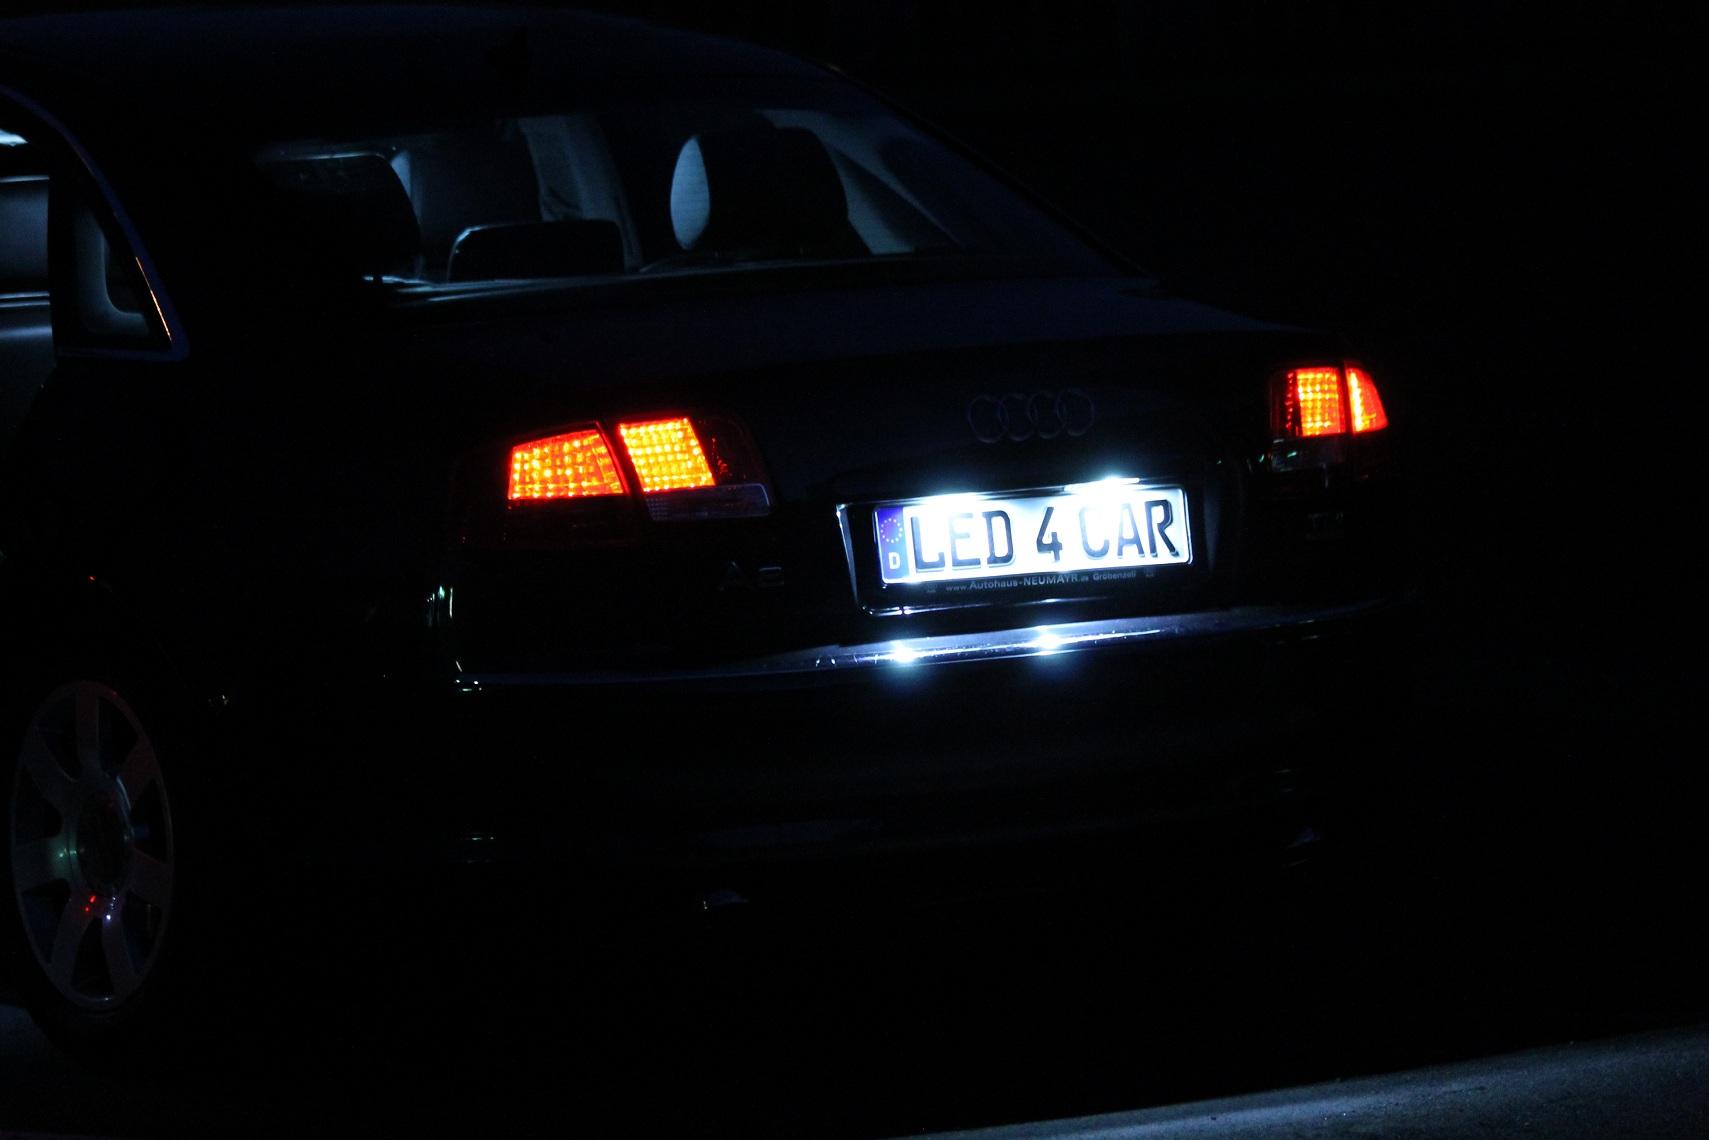 Seitronic Audi LED Kennzeichenbeleuchtung mit E4 Prfzeichen